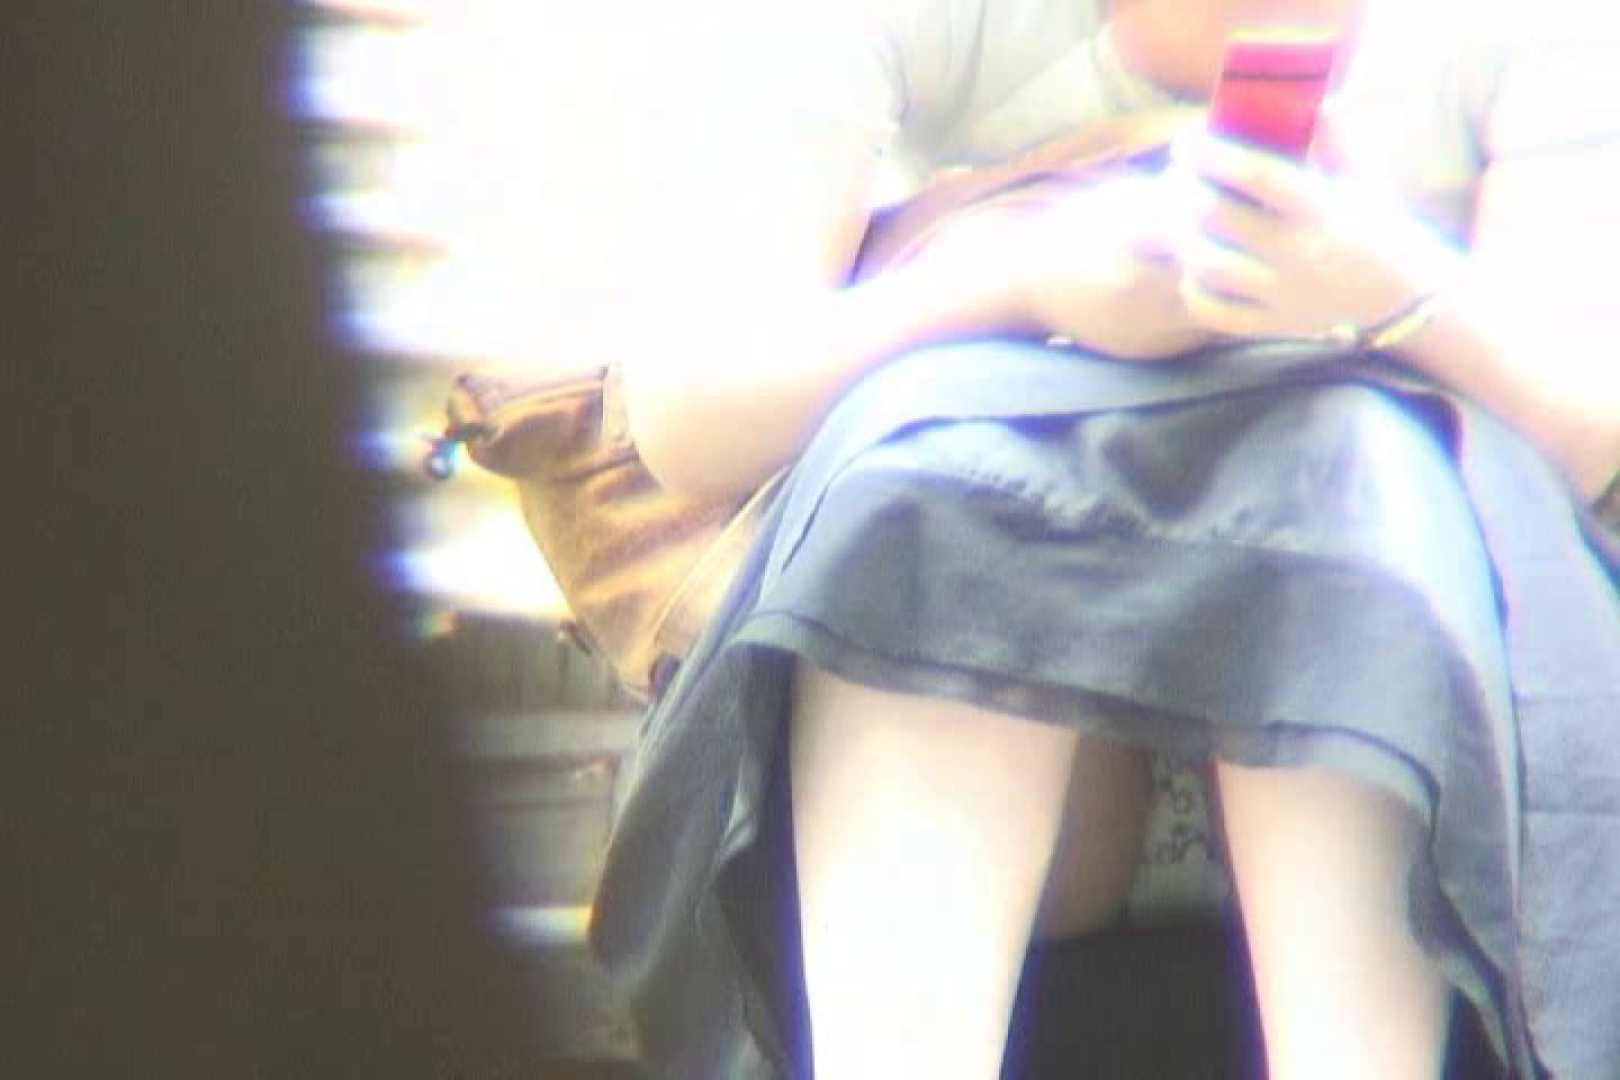 超最新版!春夏秋冬 vol.04 パンチラ セックス無修正動画無料 87連発 39